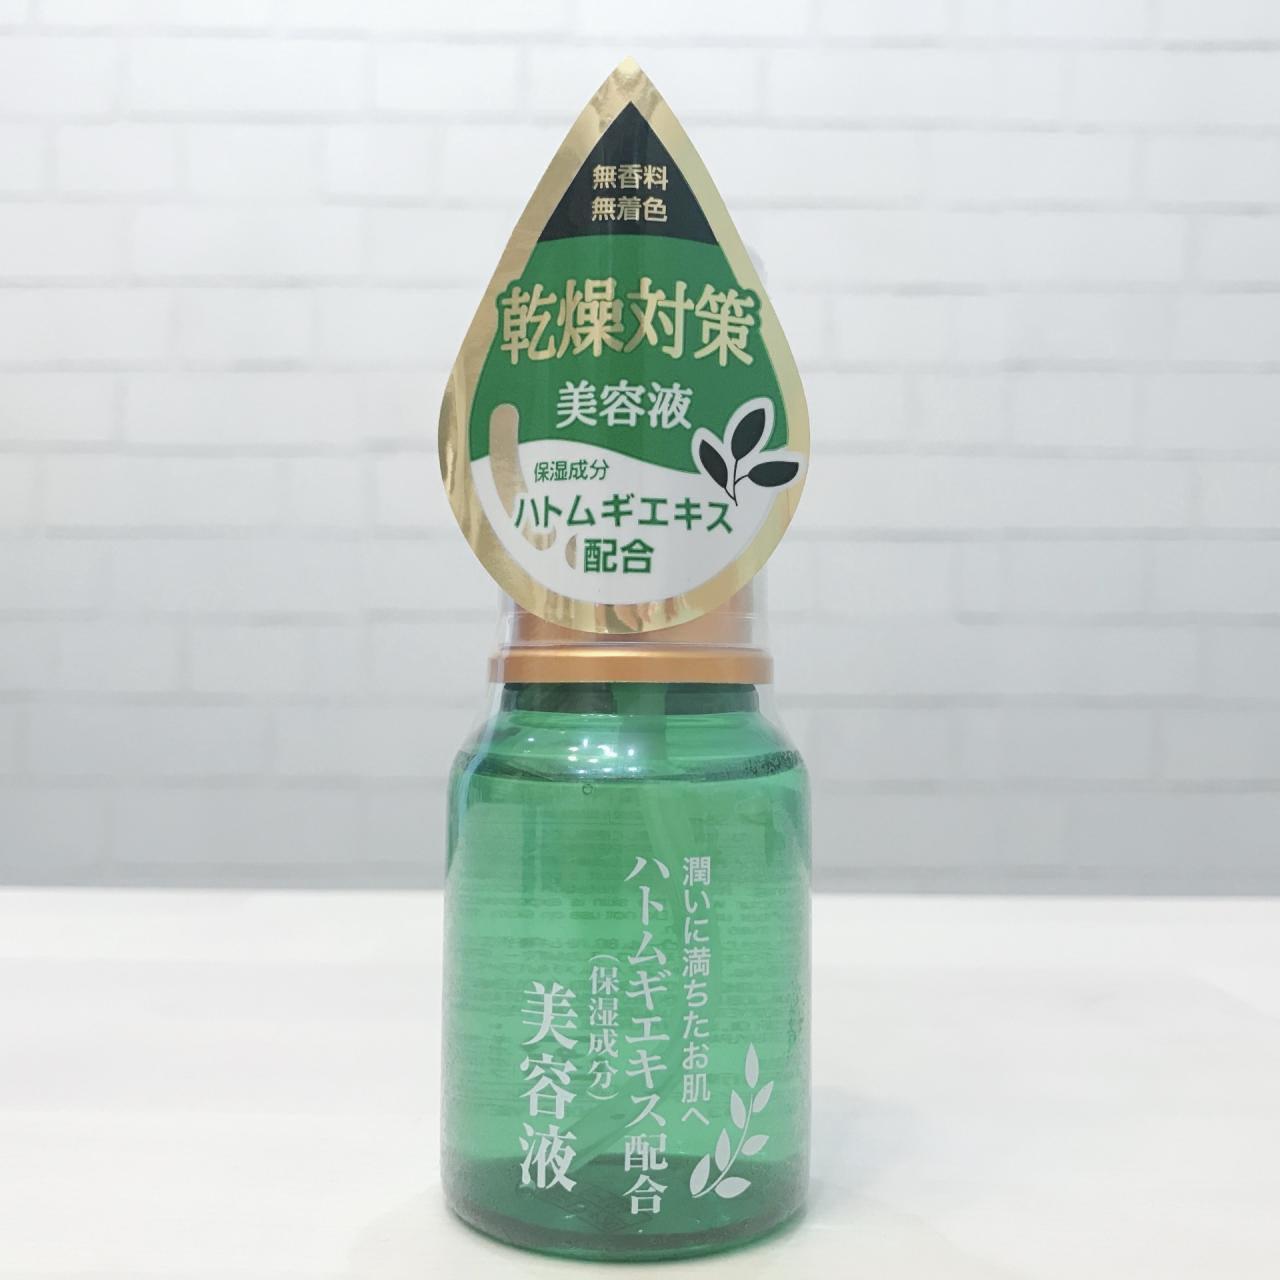 ダイソー 美容液 おすすめ 口コミ 人気 ハトムギエキス配合 HMローション 100円均一ショップ 100均 DAISO